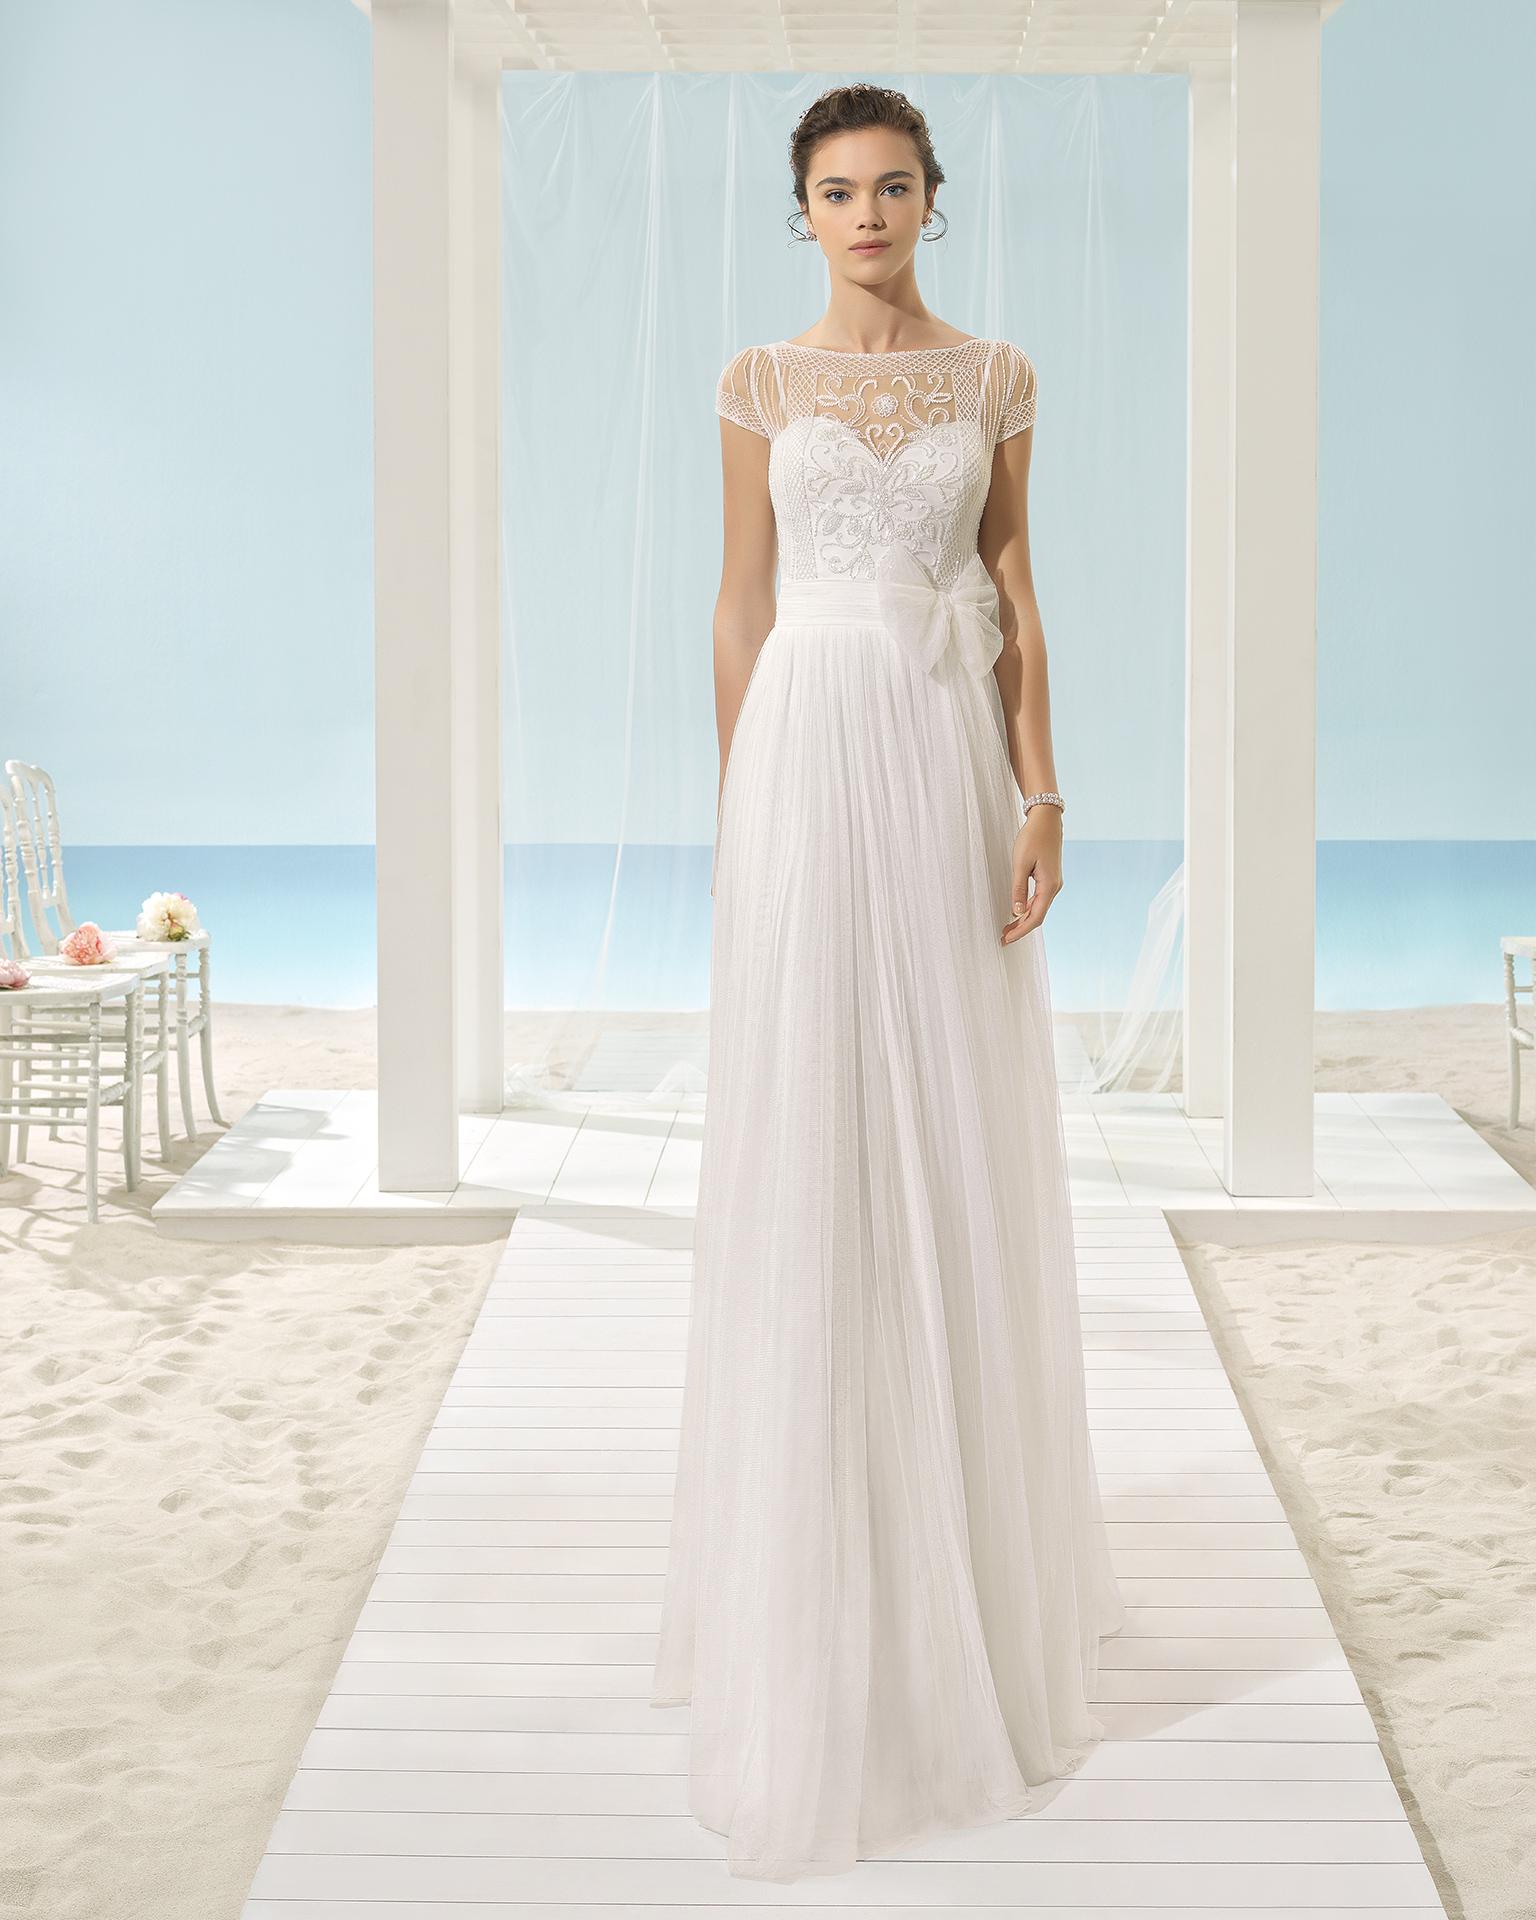 فستان الزفاف XENOP من مجموعة فساتين الزفاف على الشاطئ Aire Barcelona 2017